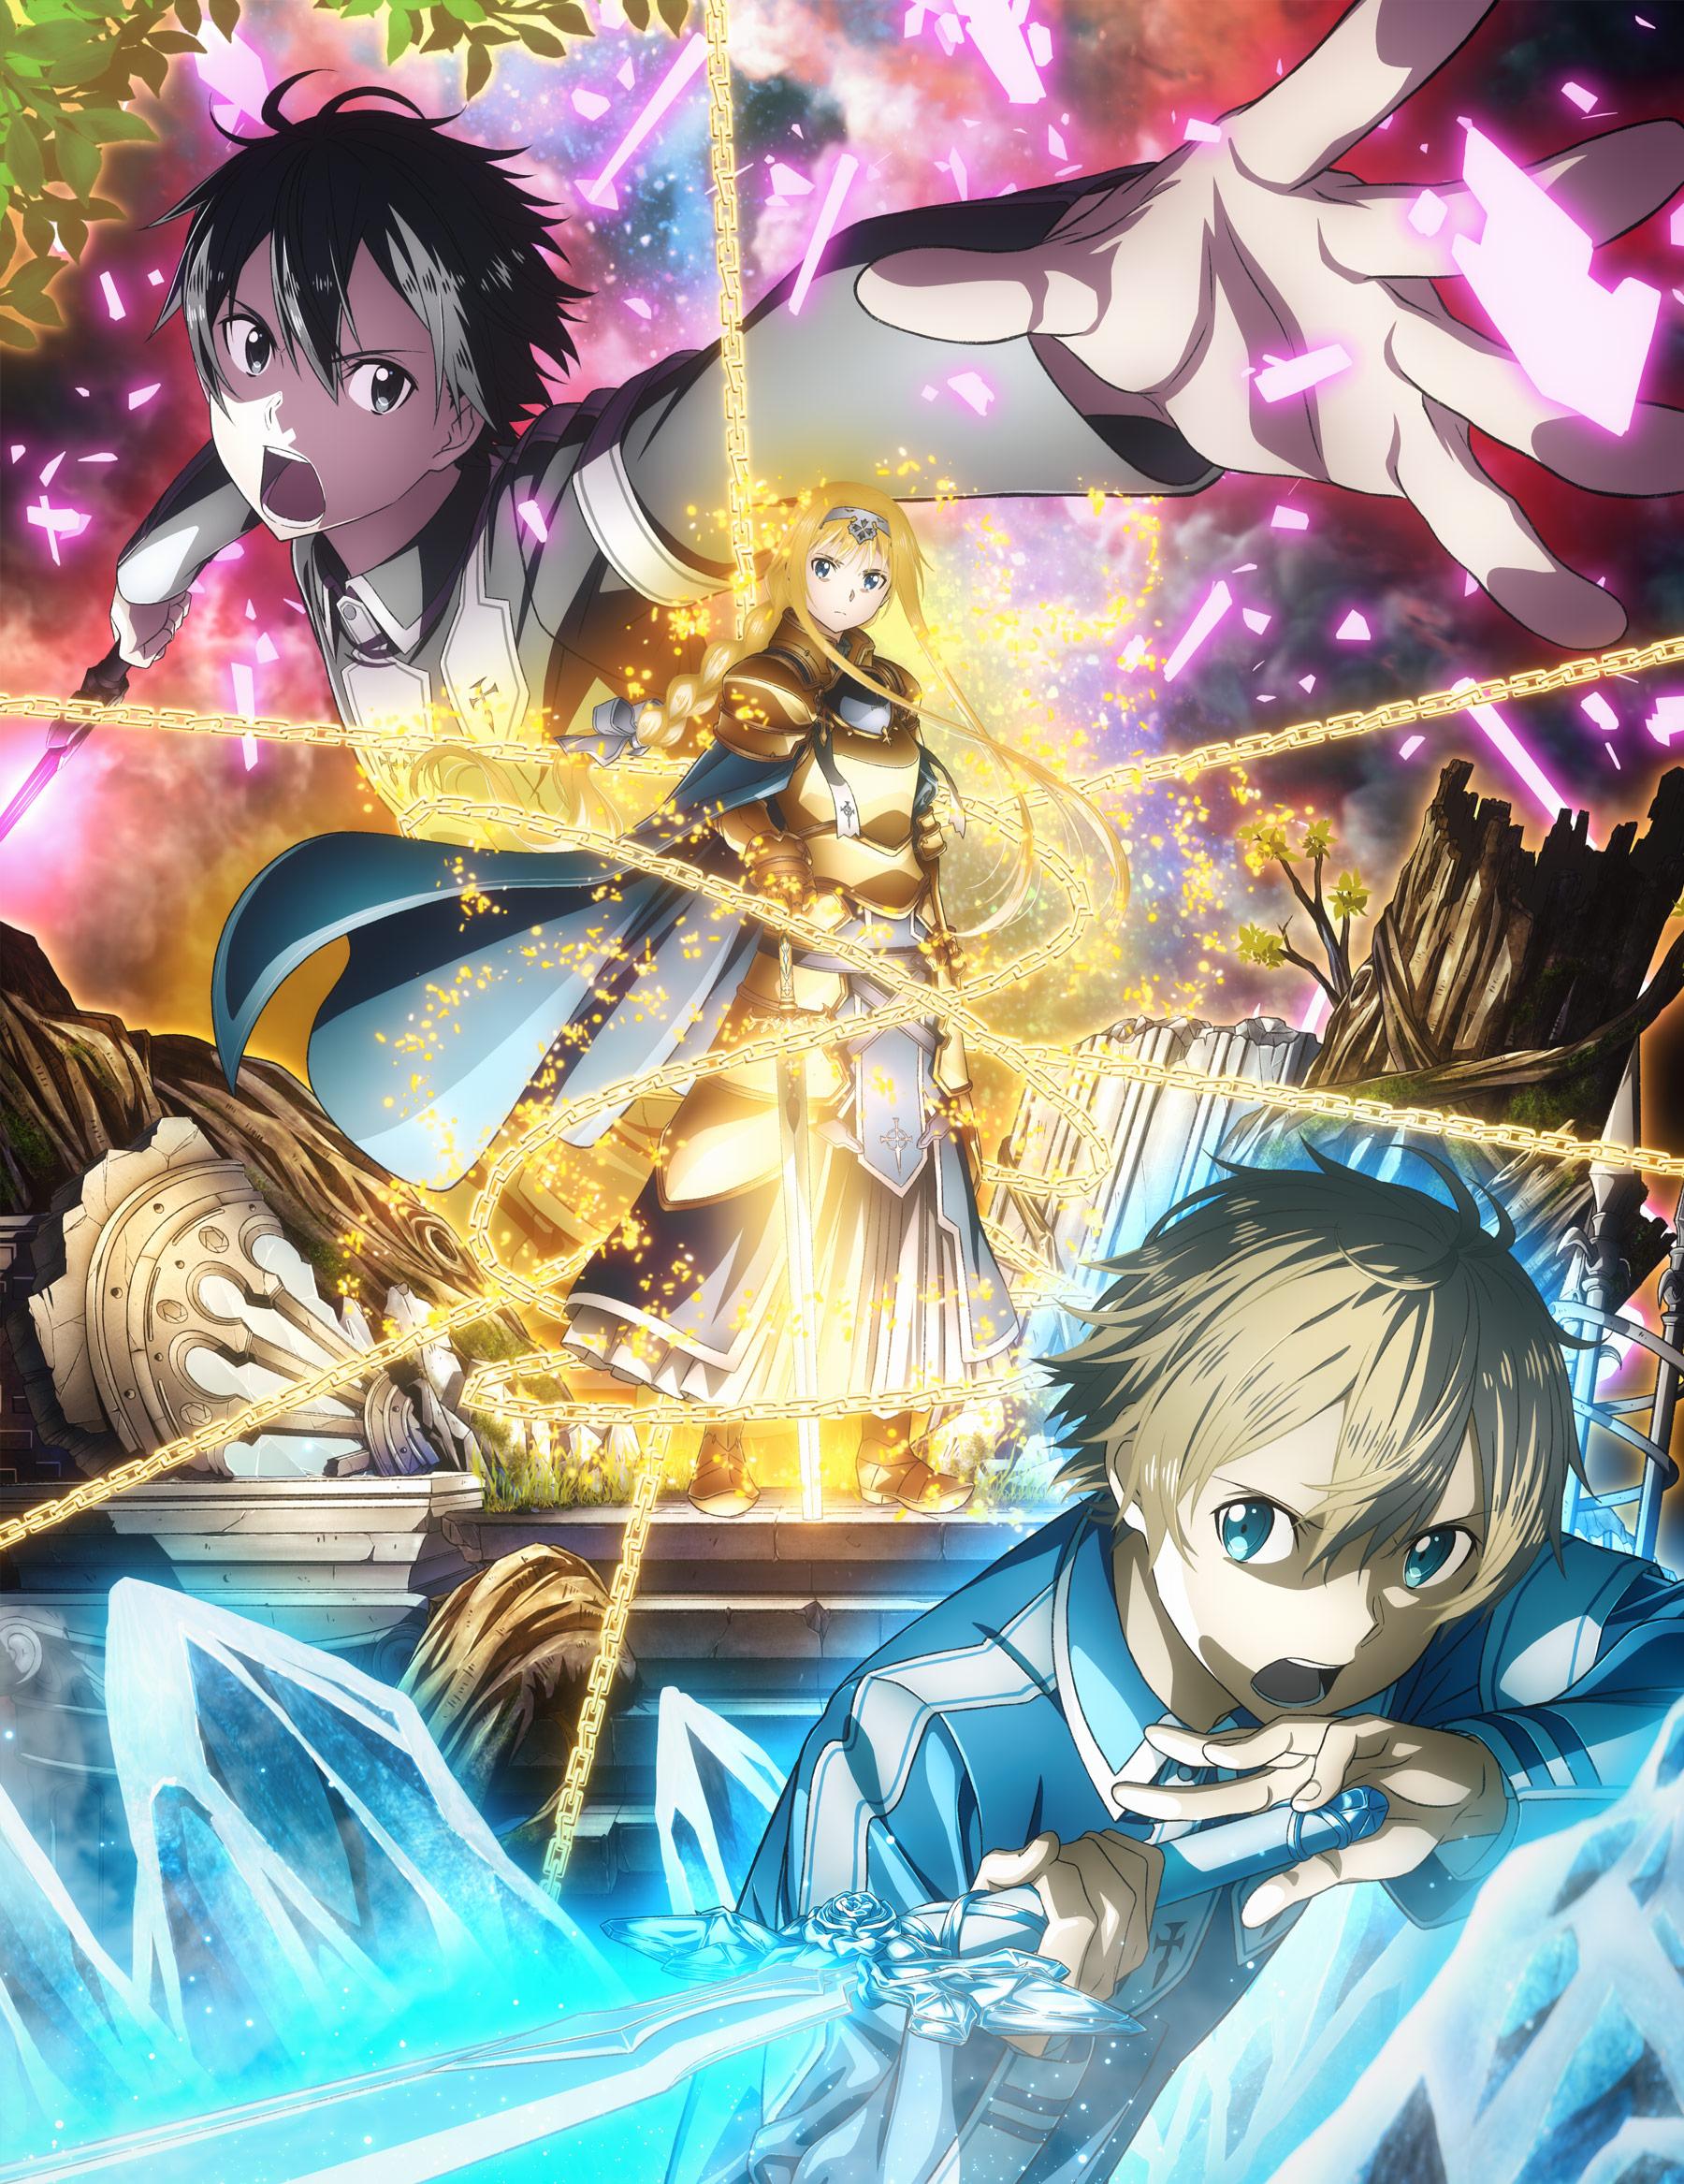 Kirigaya Kazuto/Image Gallery   Sword Art Online   Sword art online